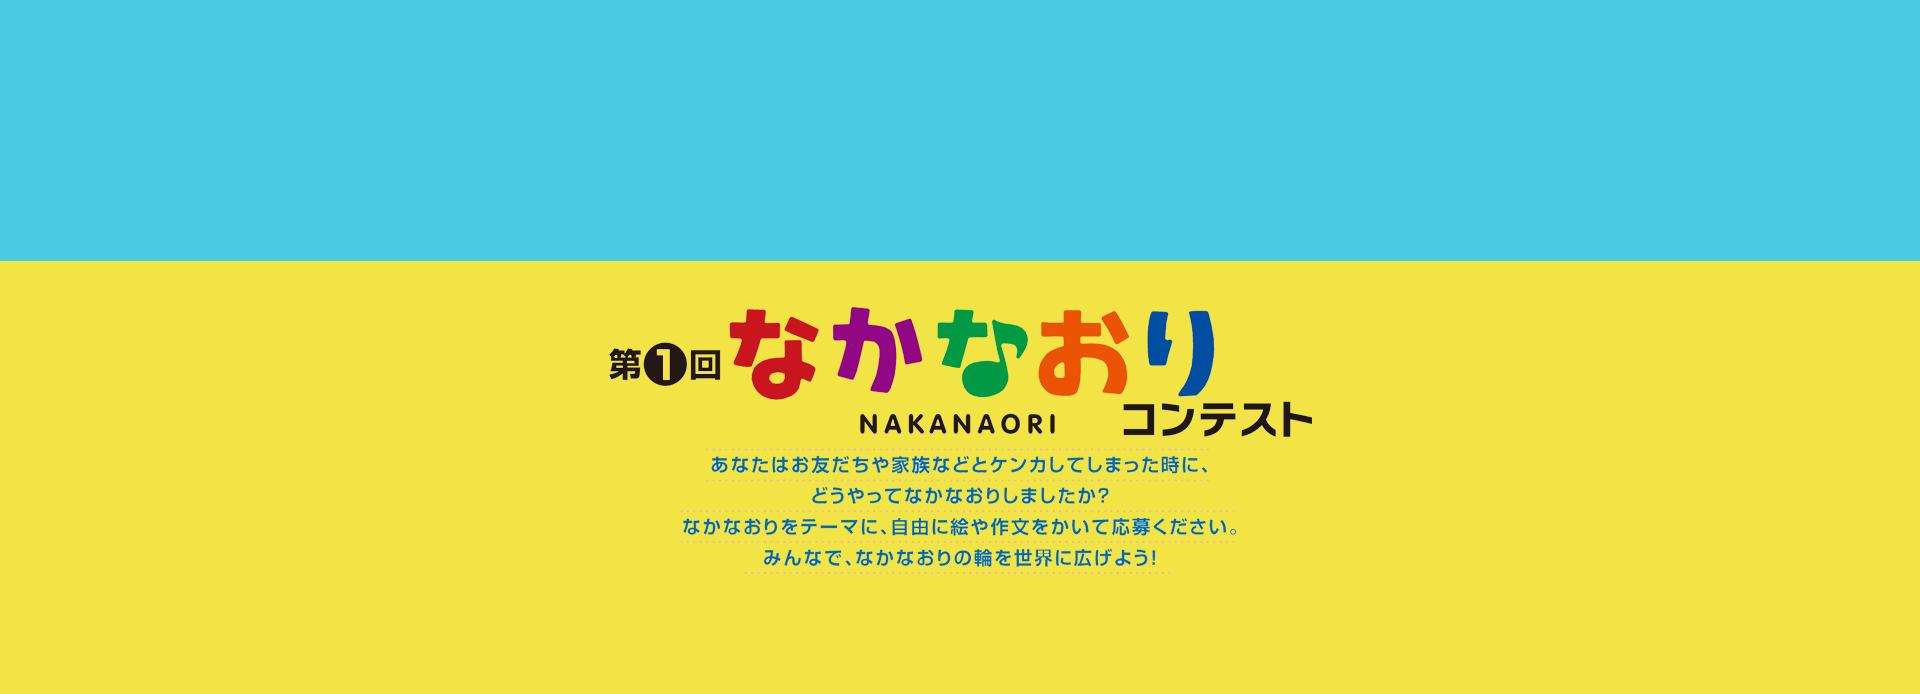 第1回なかなおり NAKANAORI コンテスト